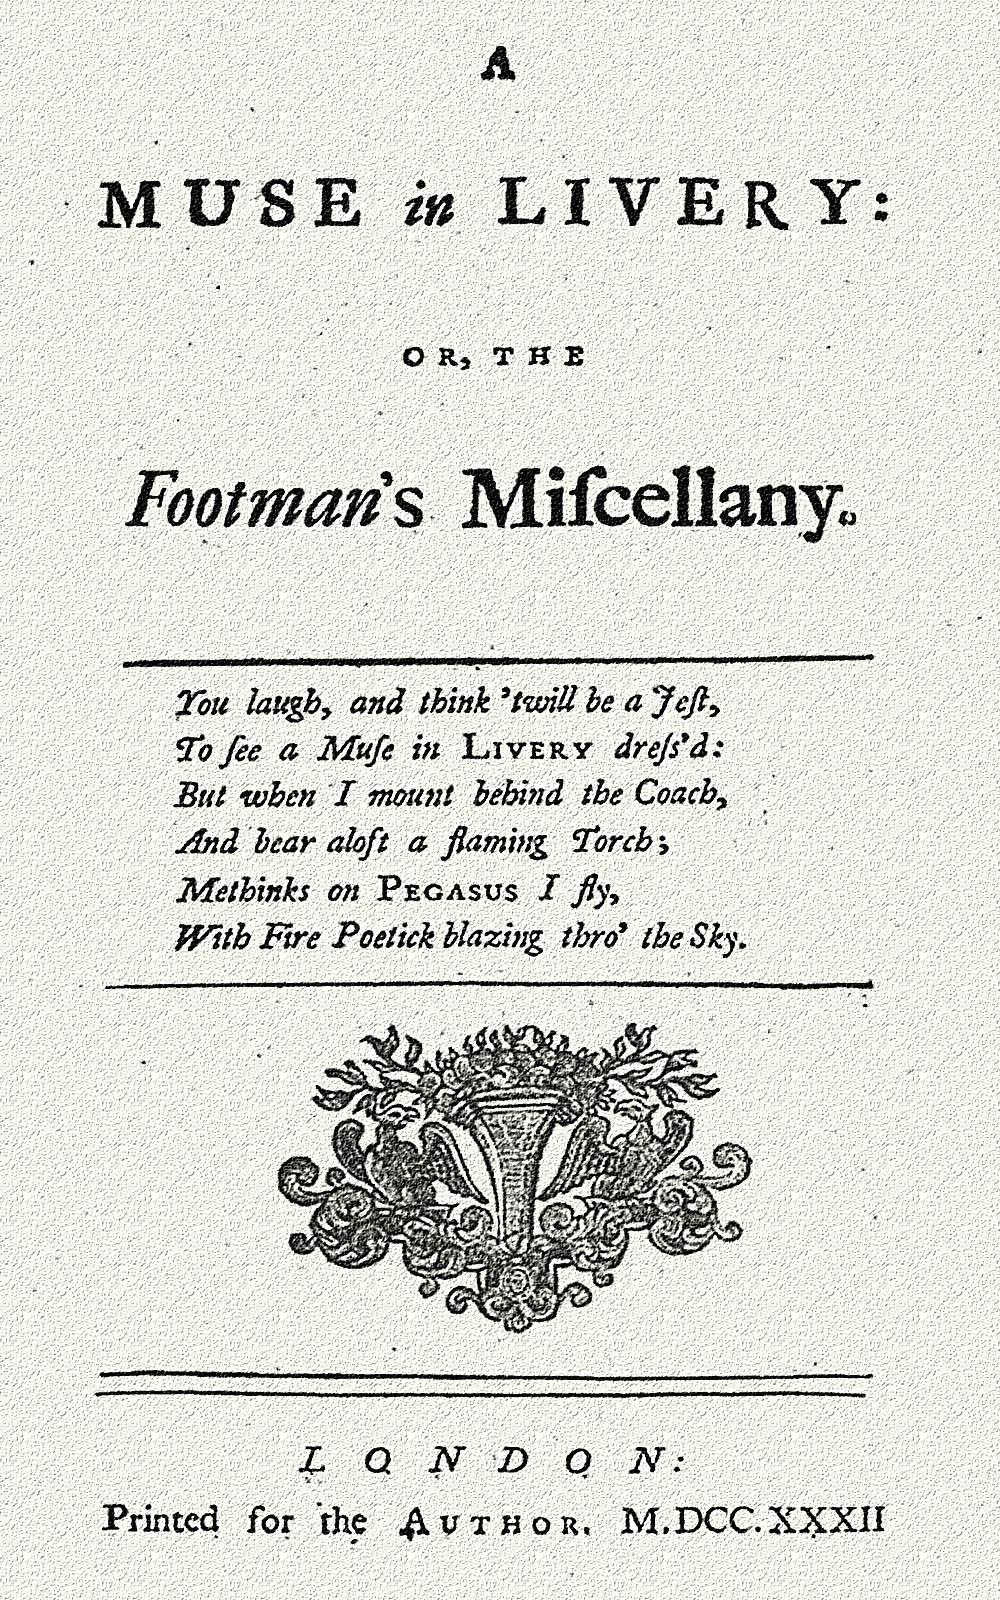 FootmansMisc-1732